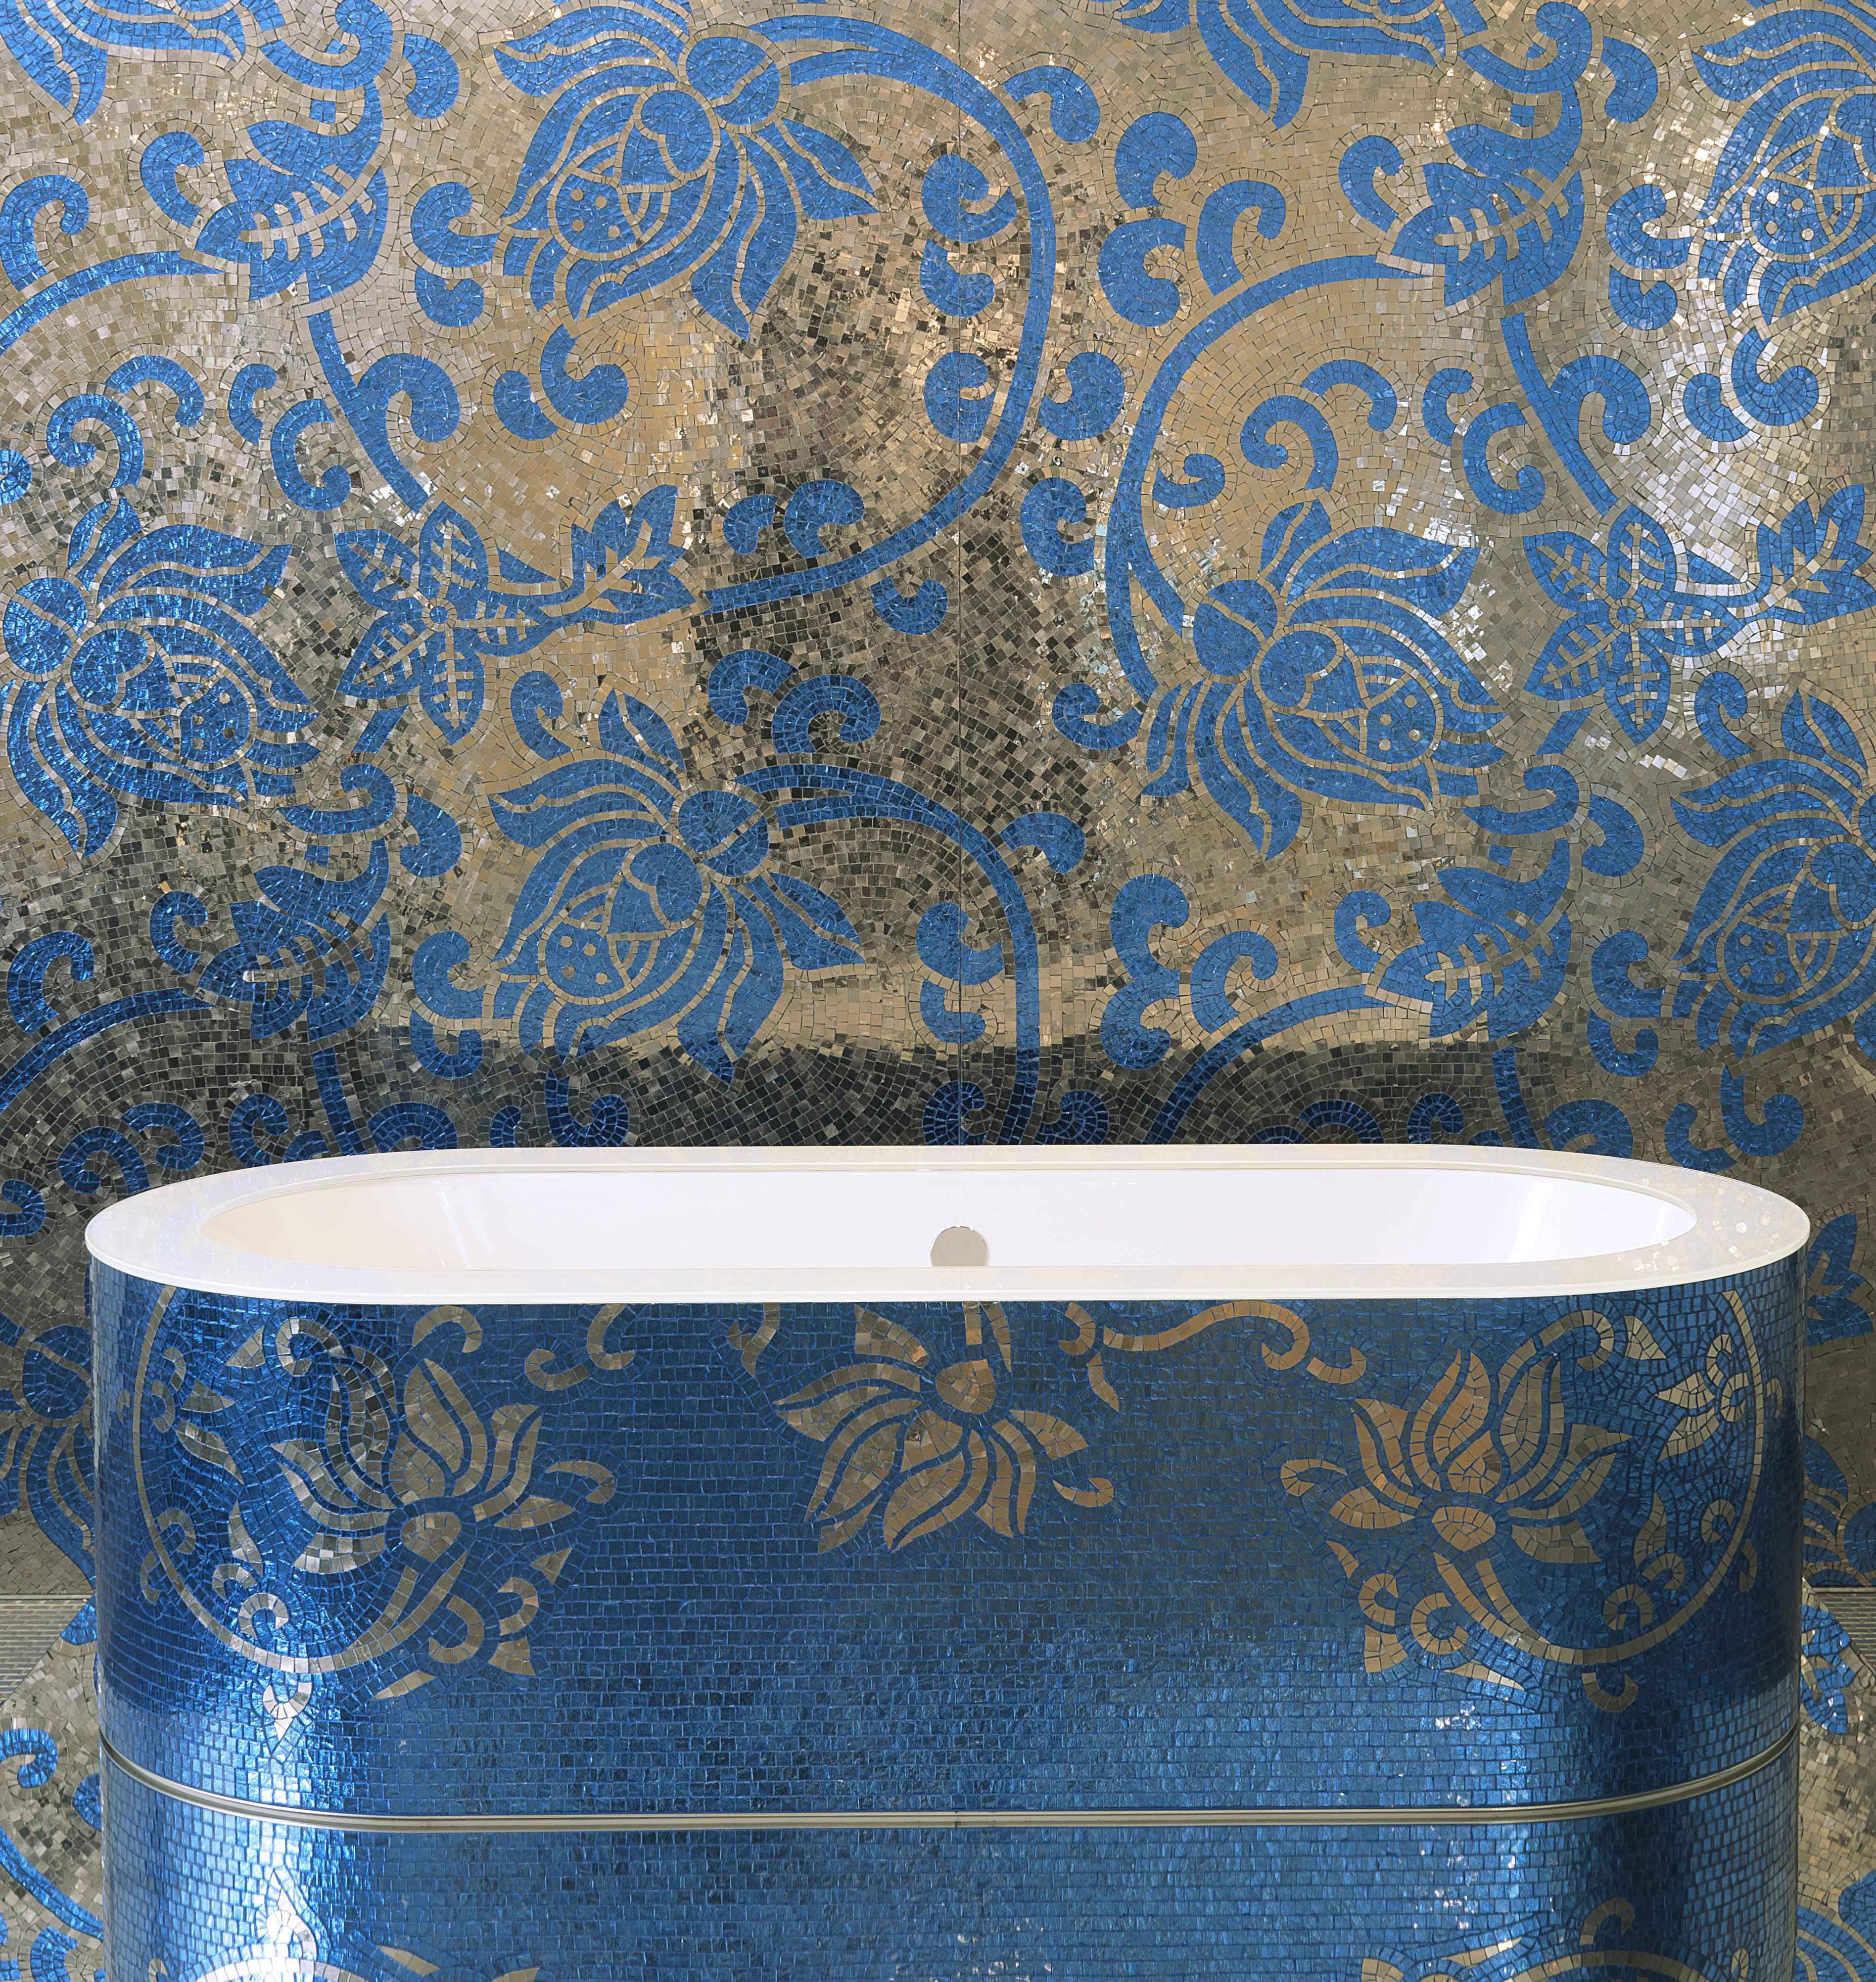 Salle de bain mosaique artistique en jaune dor et bleu clair et tablier de moodboard - Decoration salle de bain jaune et bleu ...